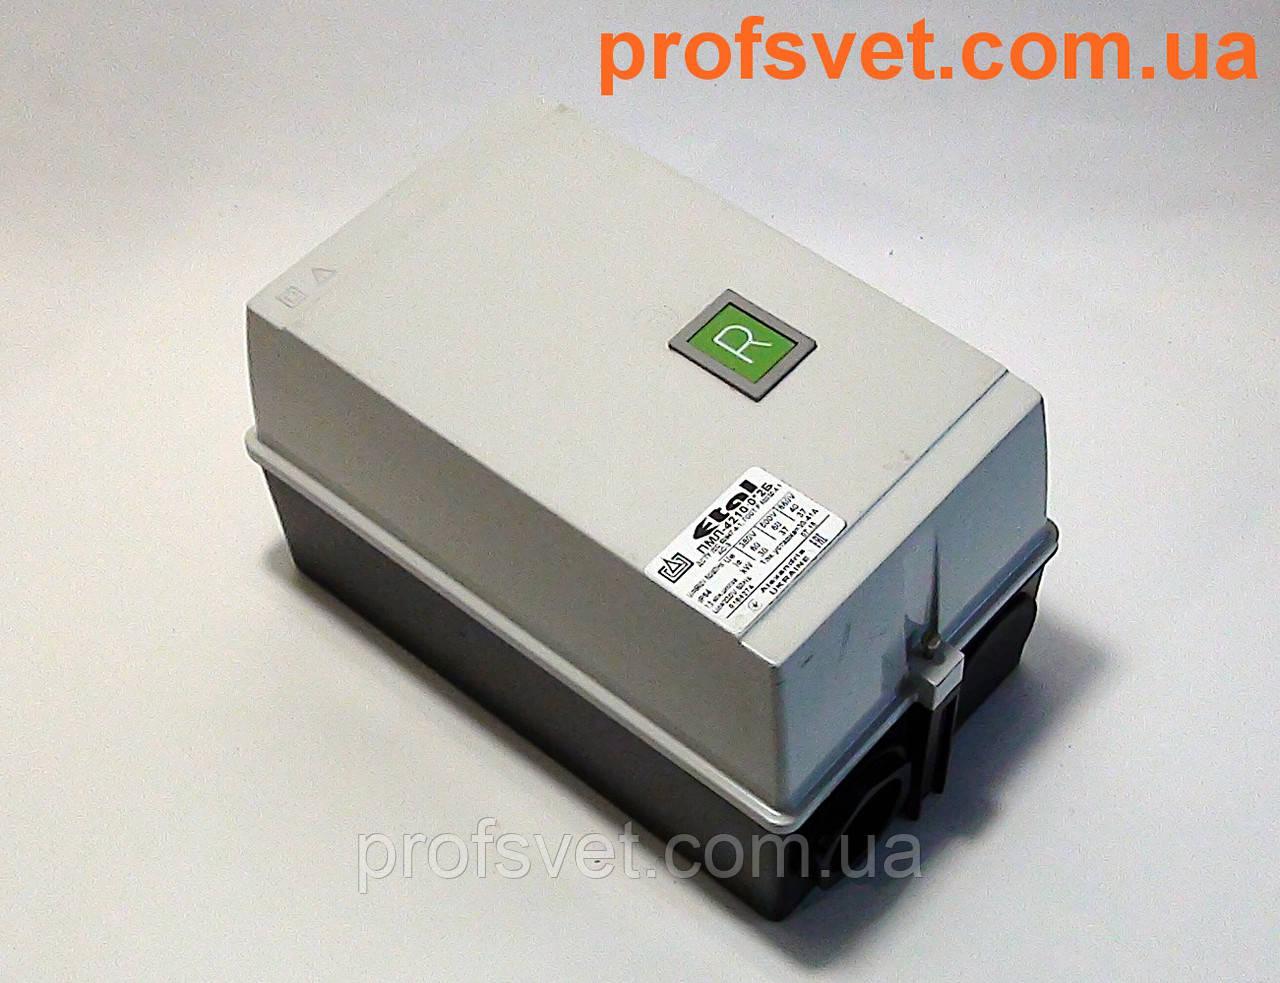 Пускатель ПМЛ-4210 корпус IP-54 63А кнопка Реле